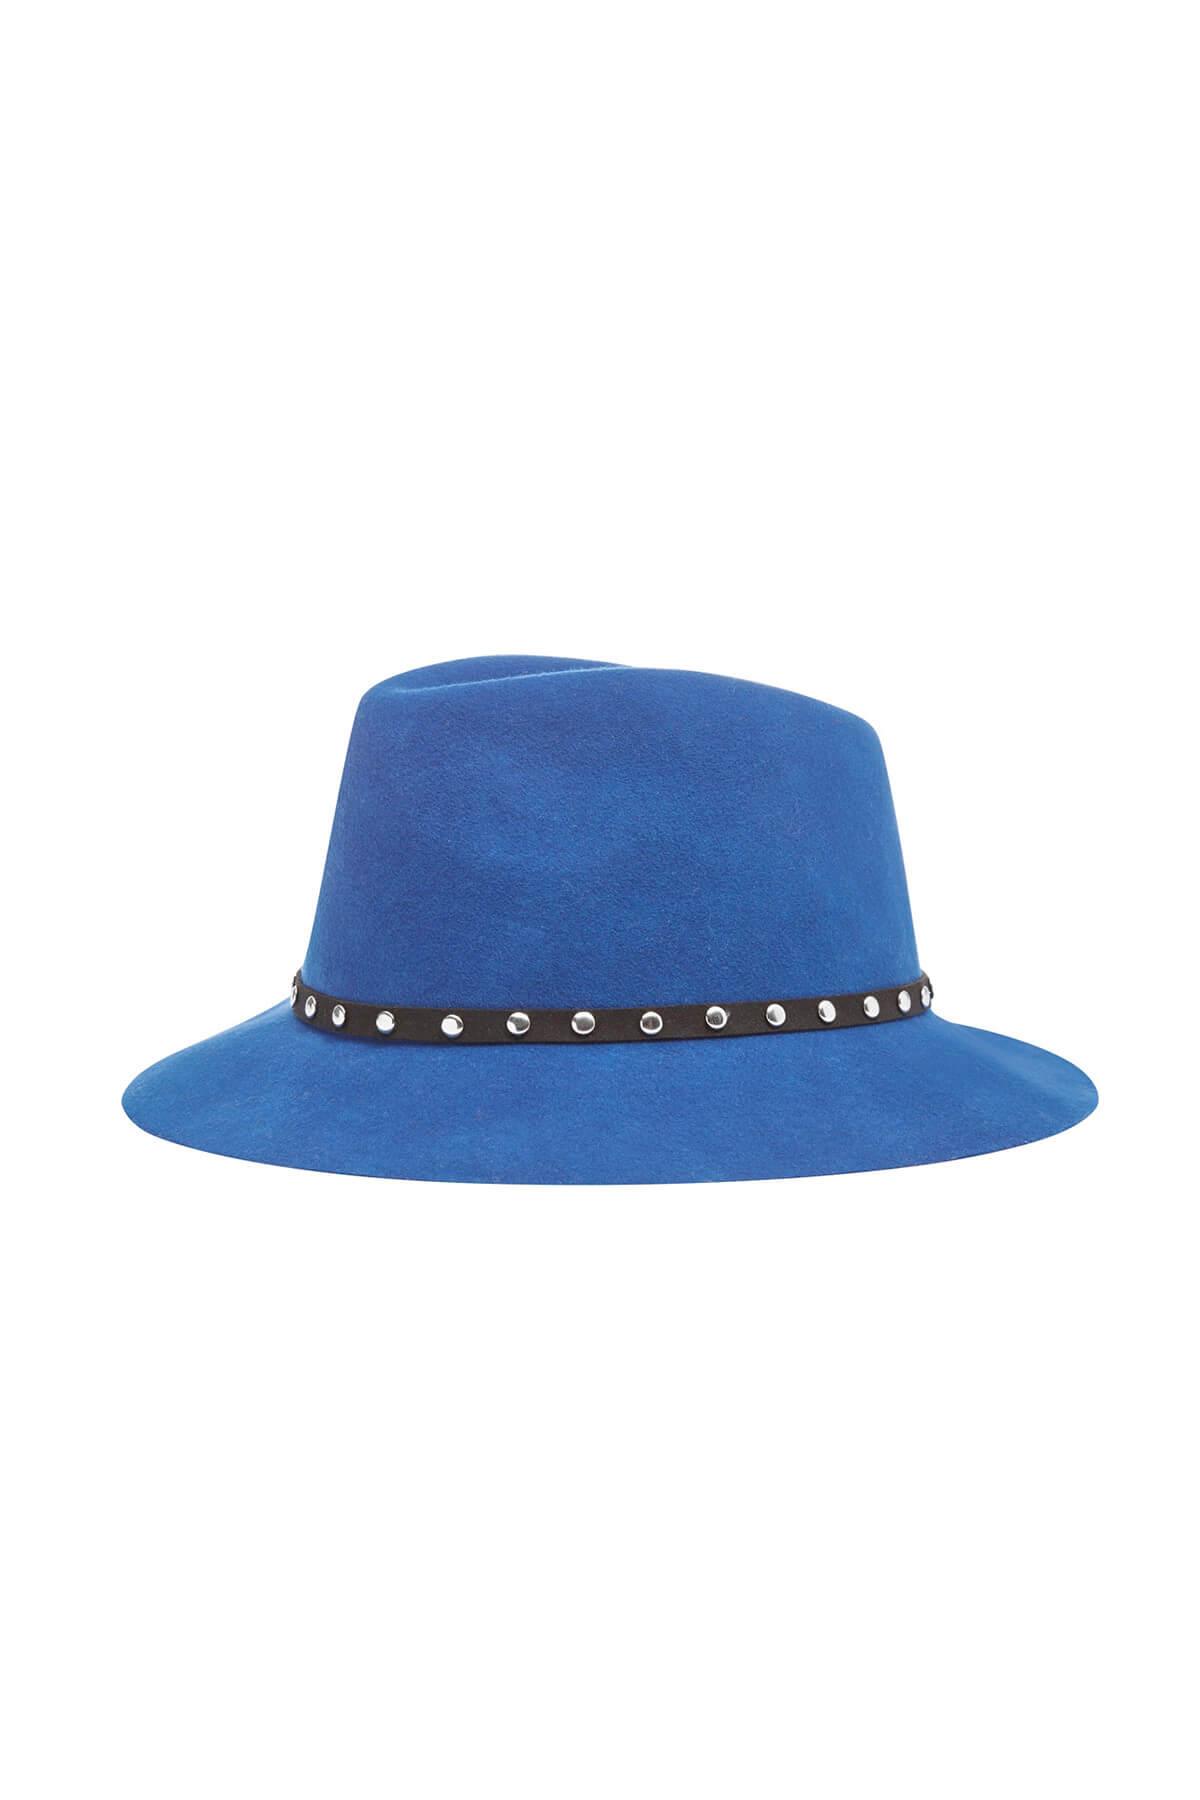 Mudo Kadın Şapka 311476 1